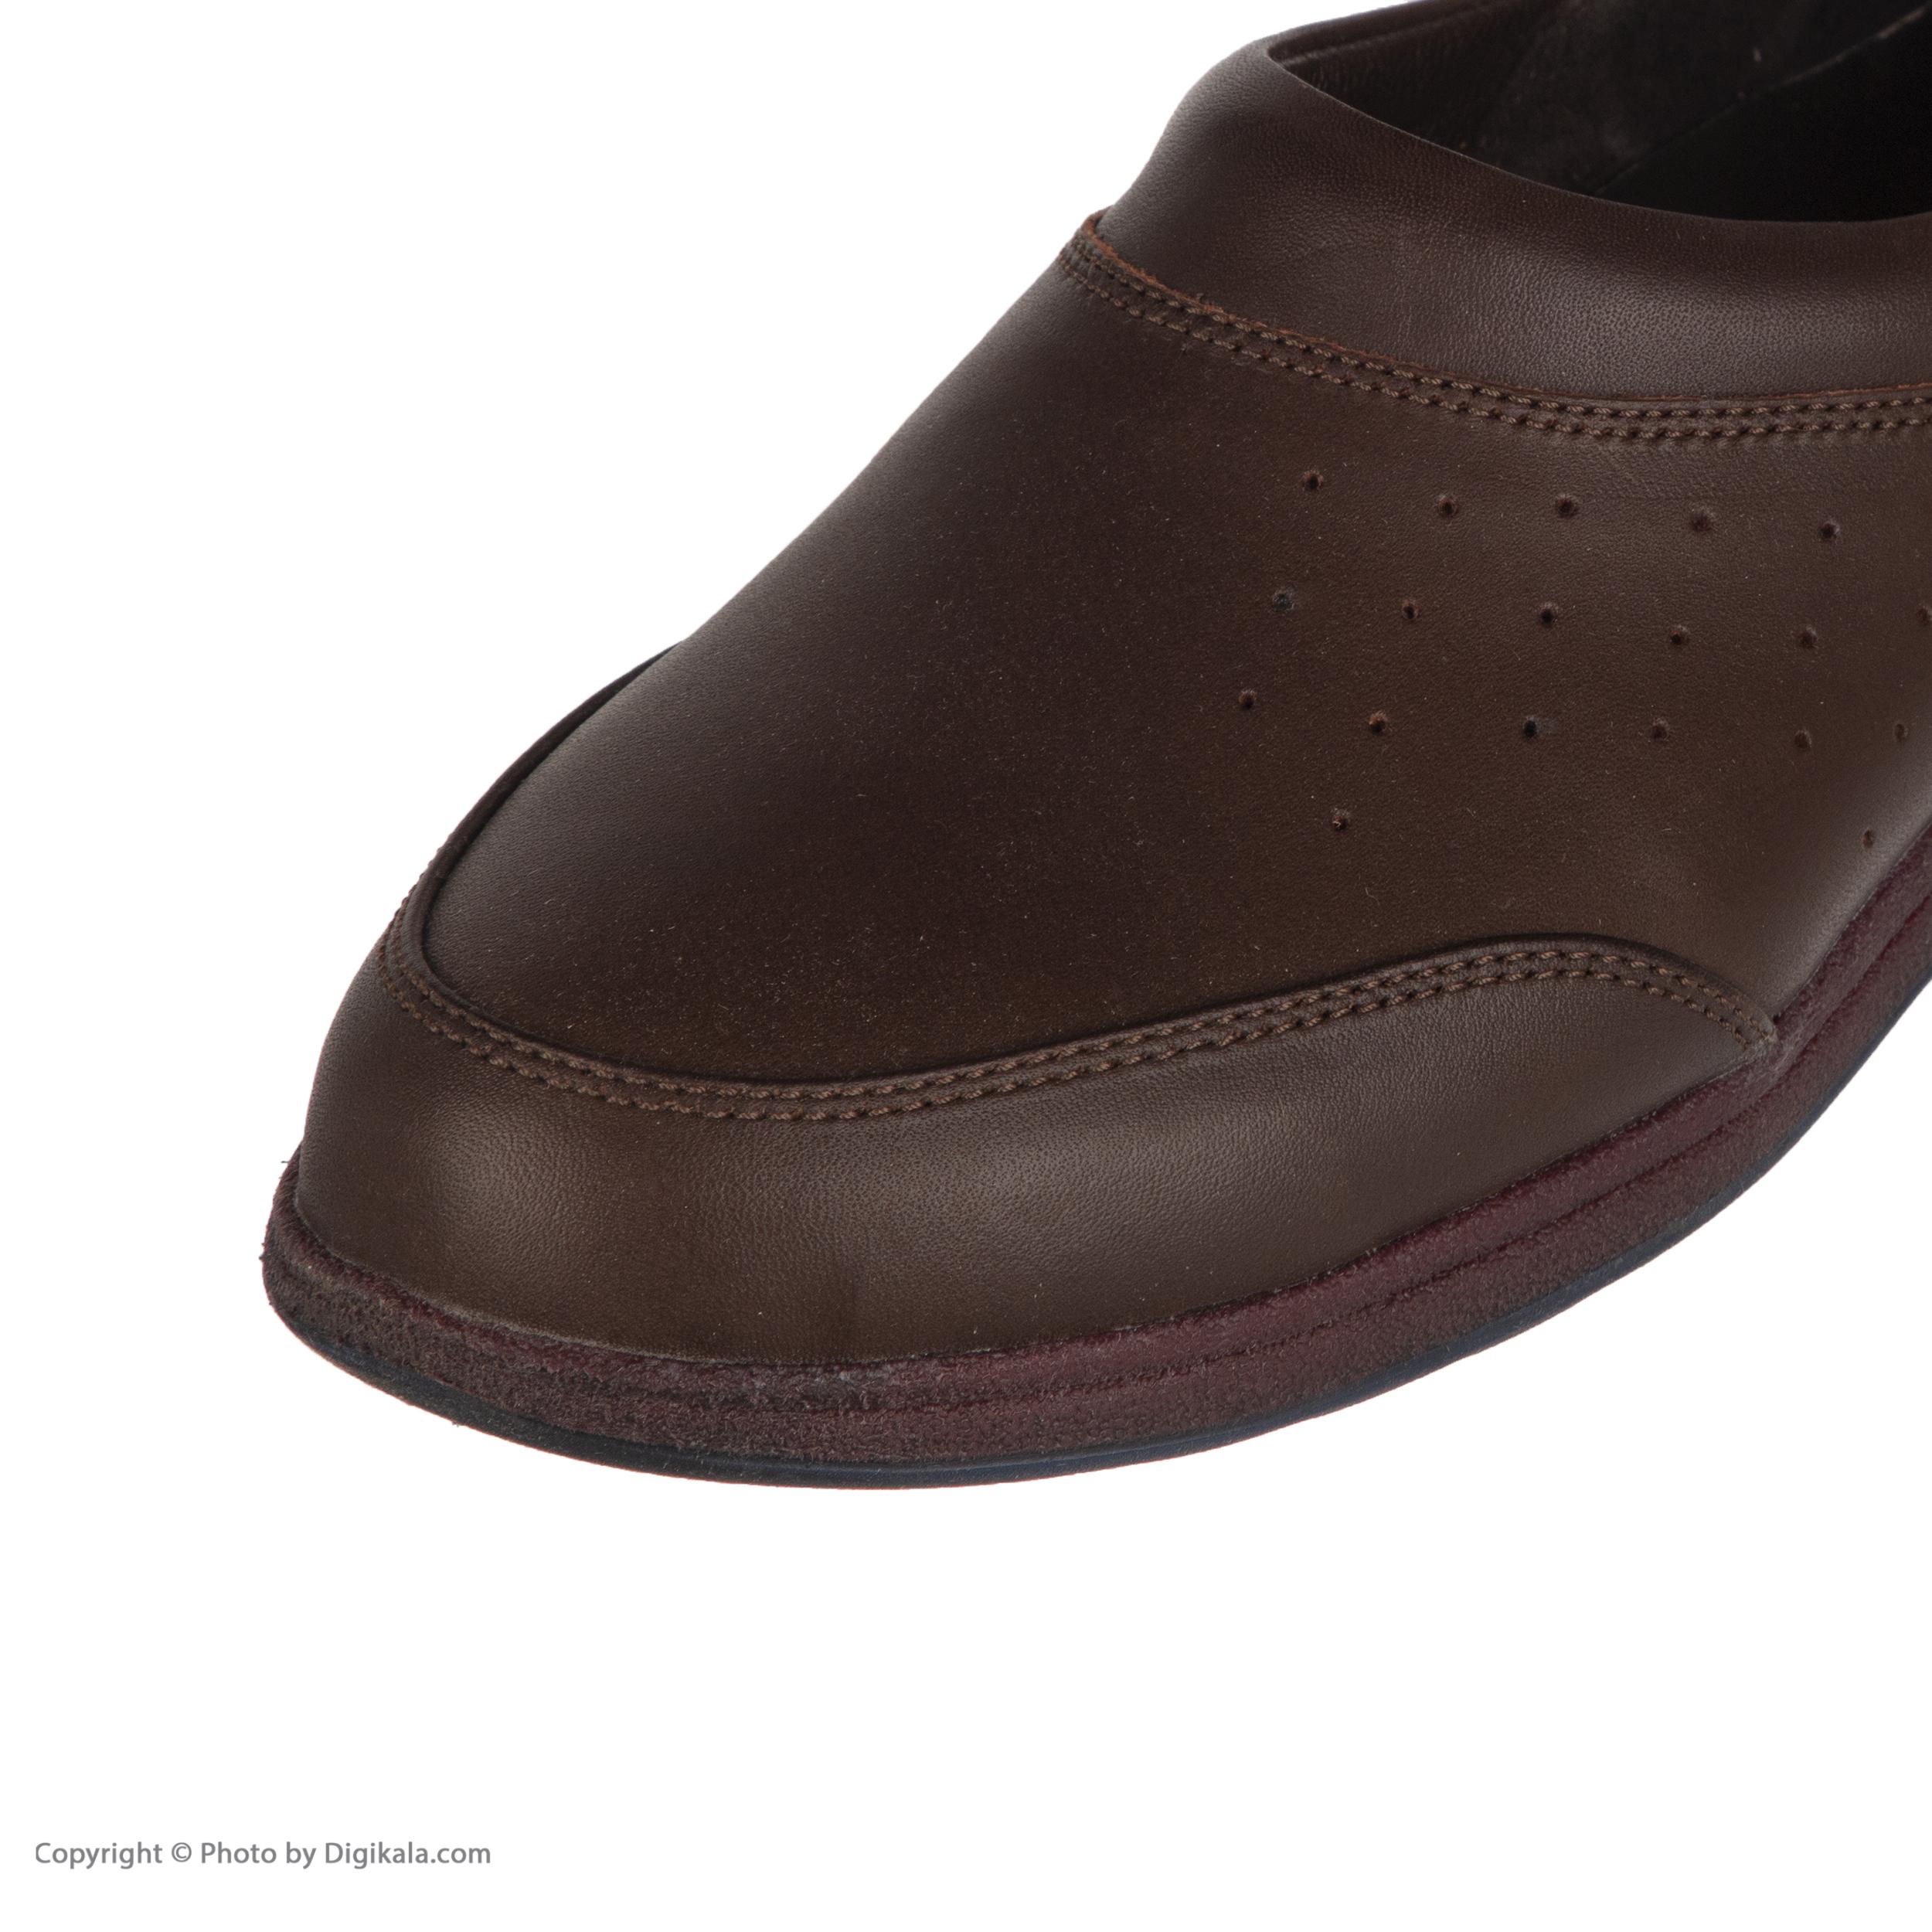 کفش روزمره زنانه سوته مدل 2959B500104 -  - 8